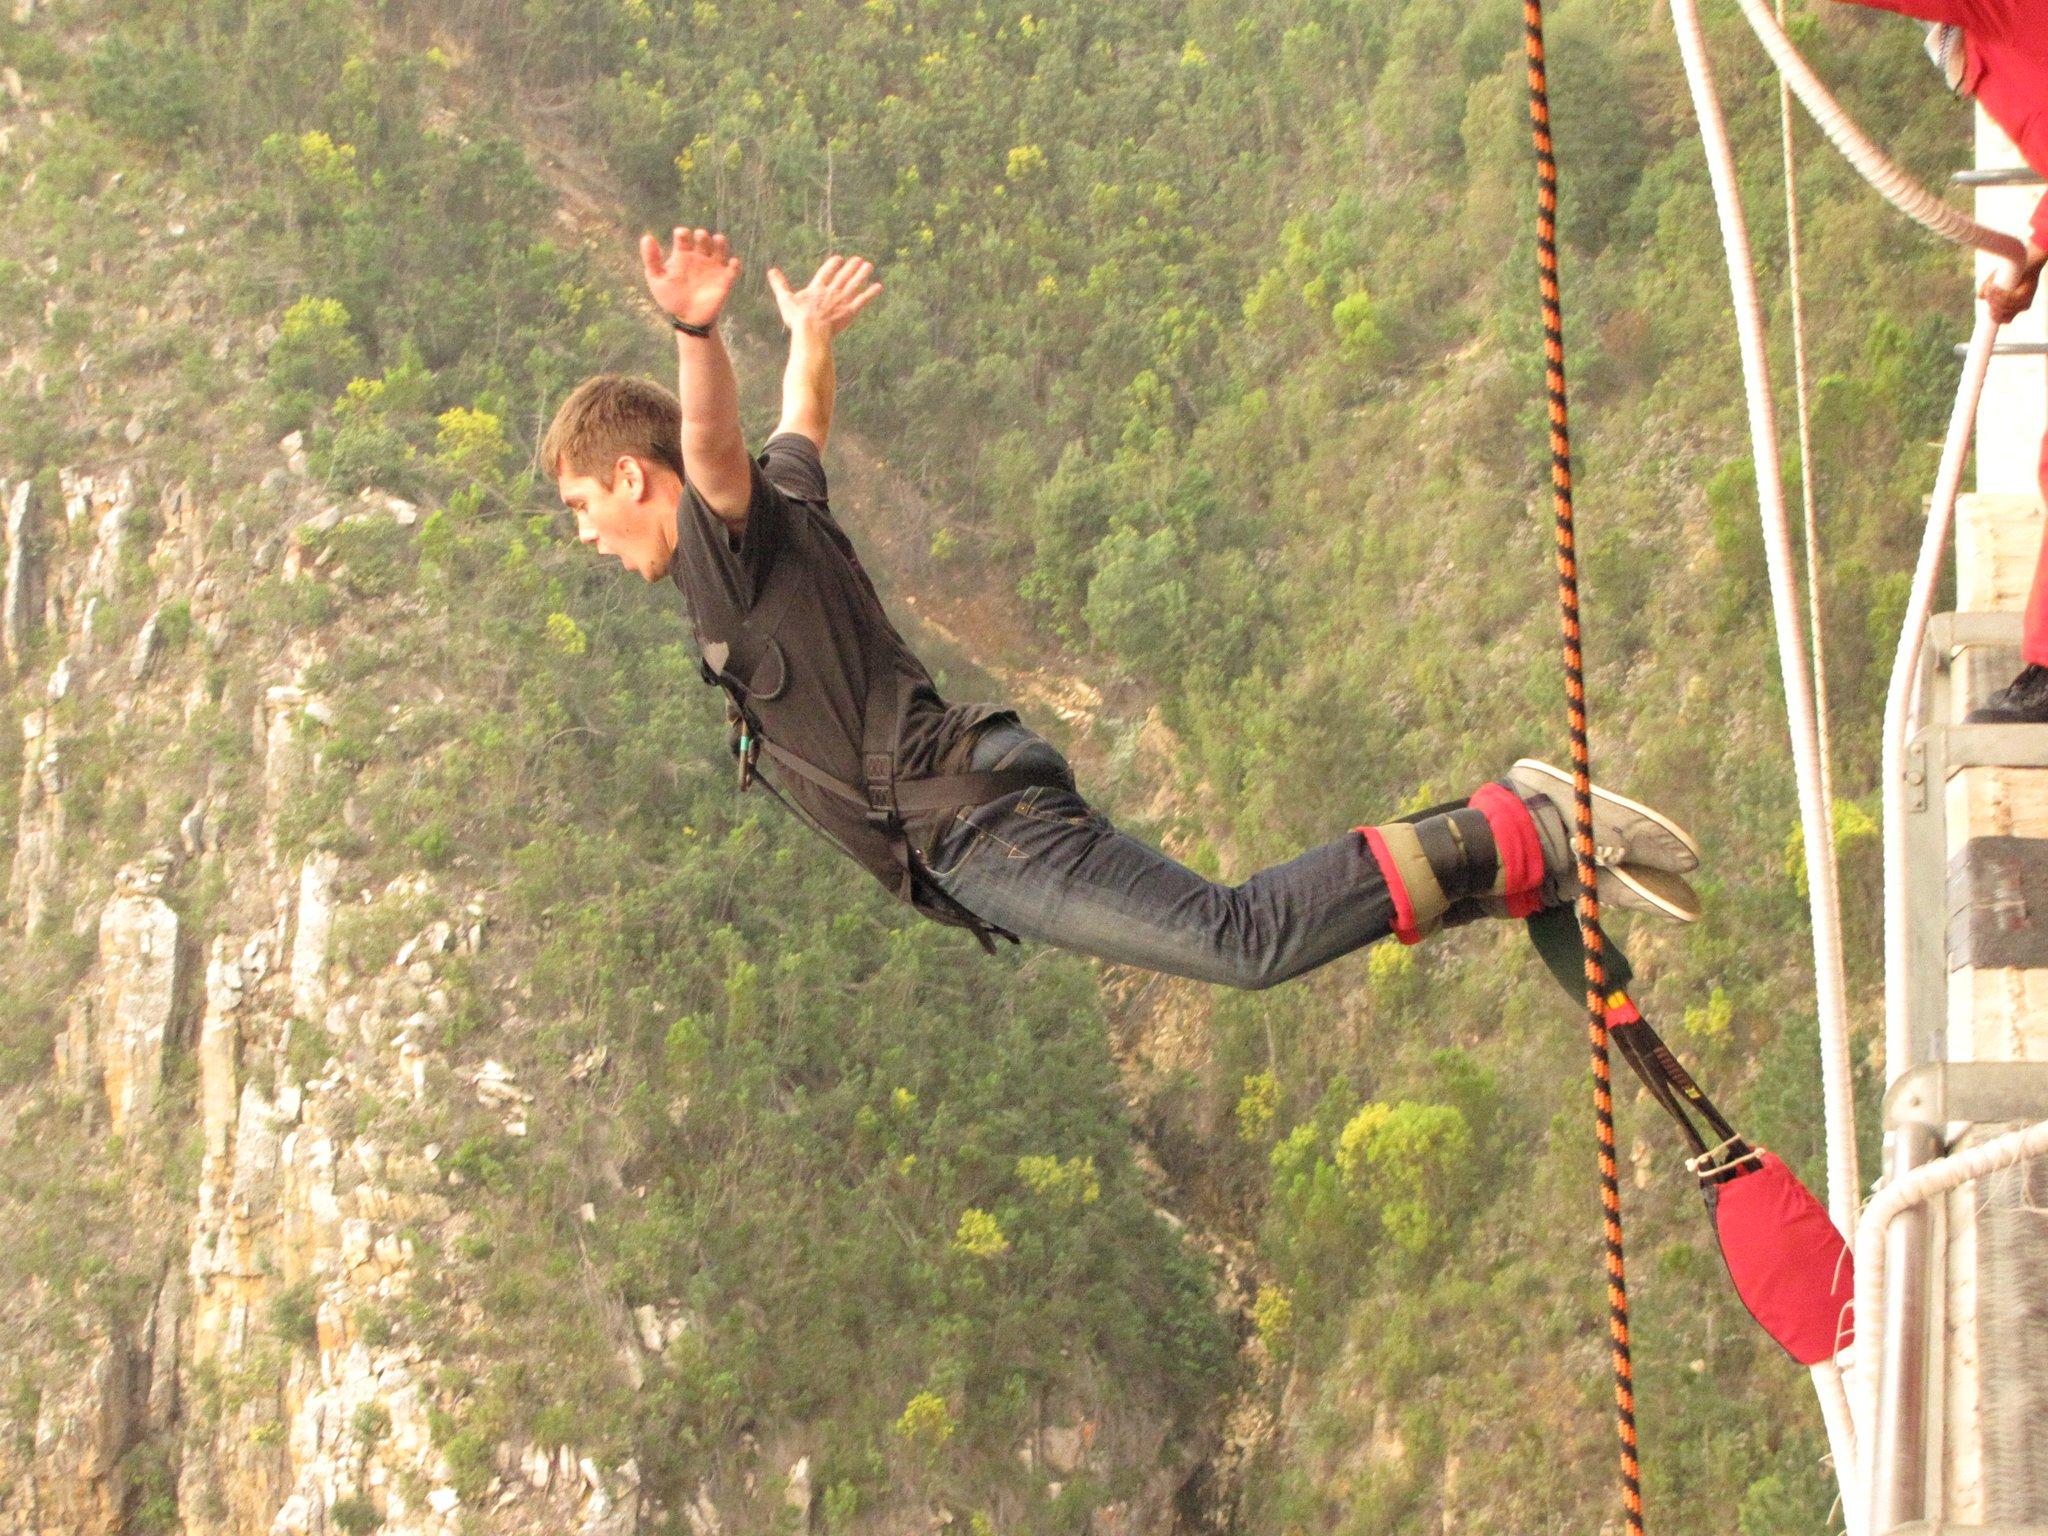 Garrett bungee jumping in Africa